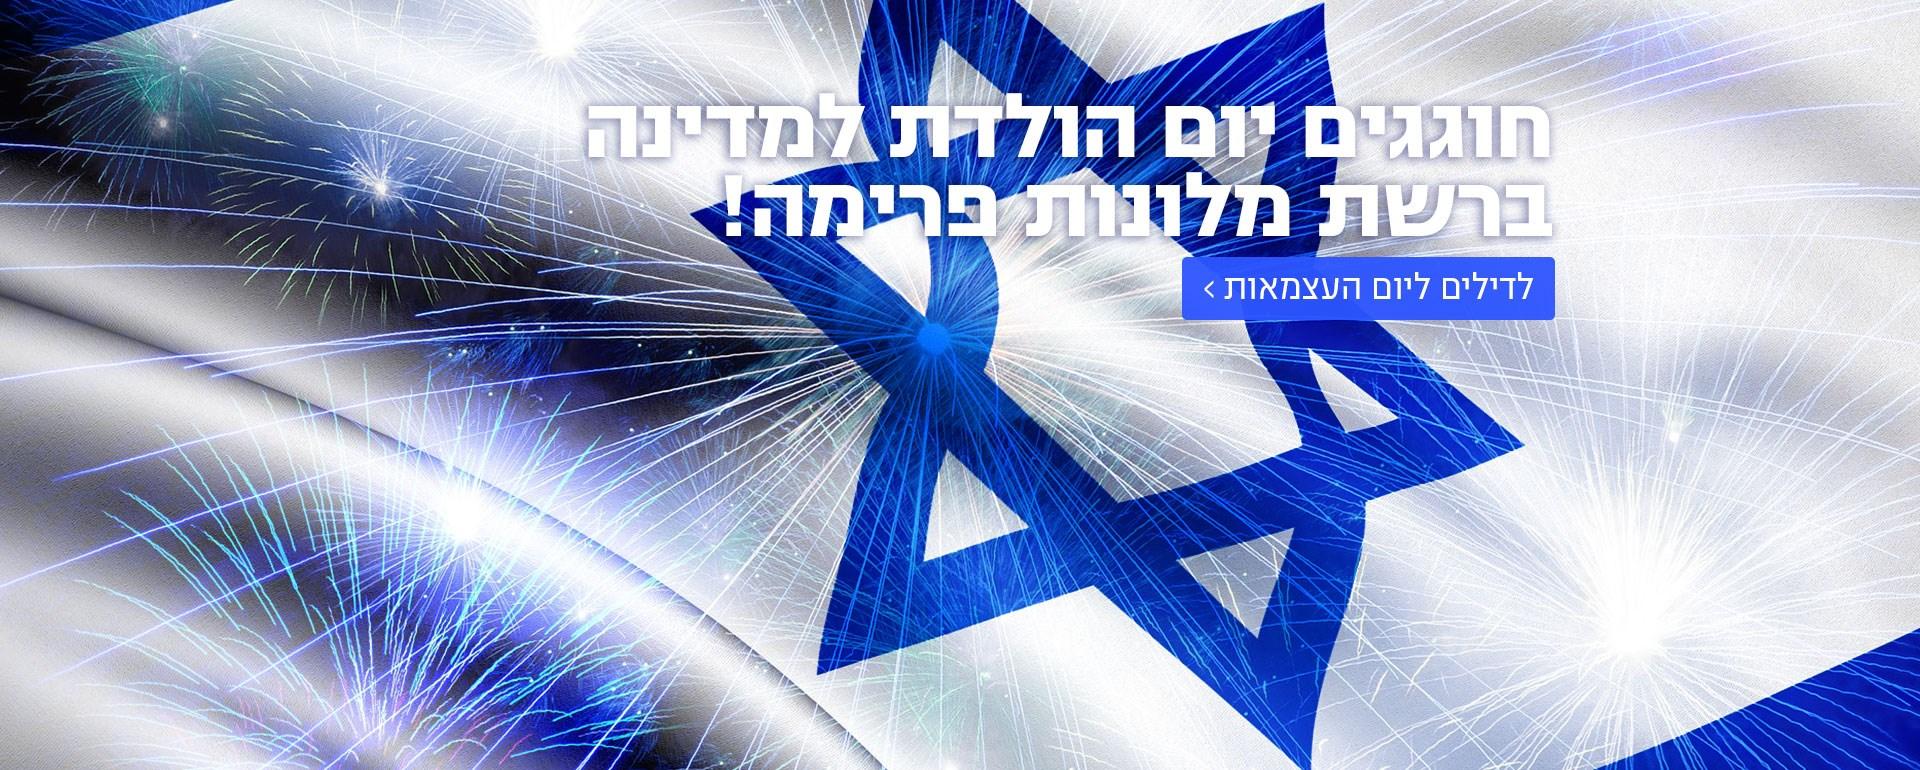 יום העצמאות